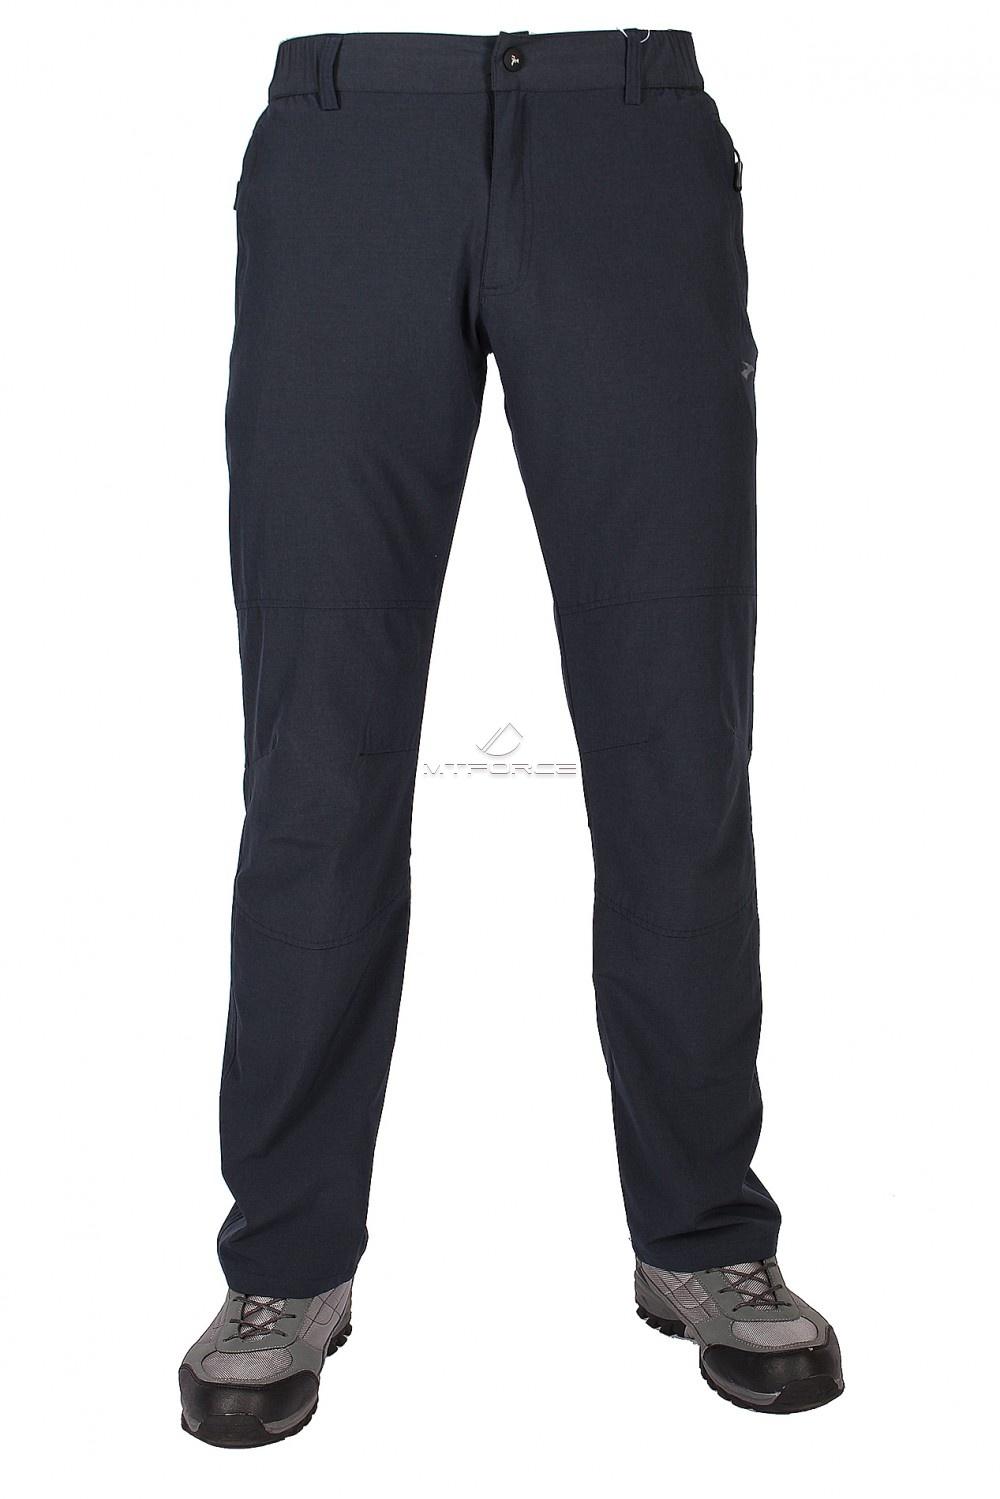 Купить                                  оптом Брюки стильные мягкие спортивные  темно-синего цвета 9605TS